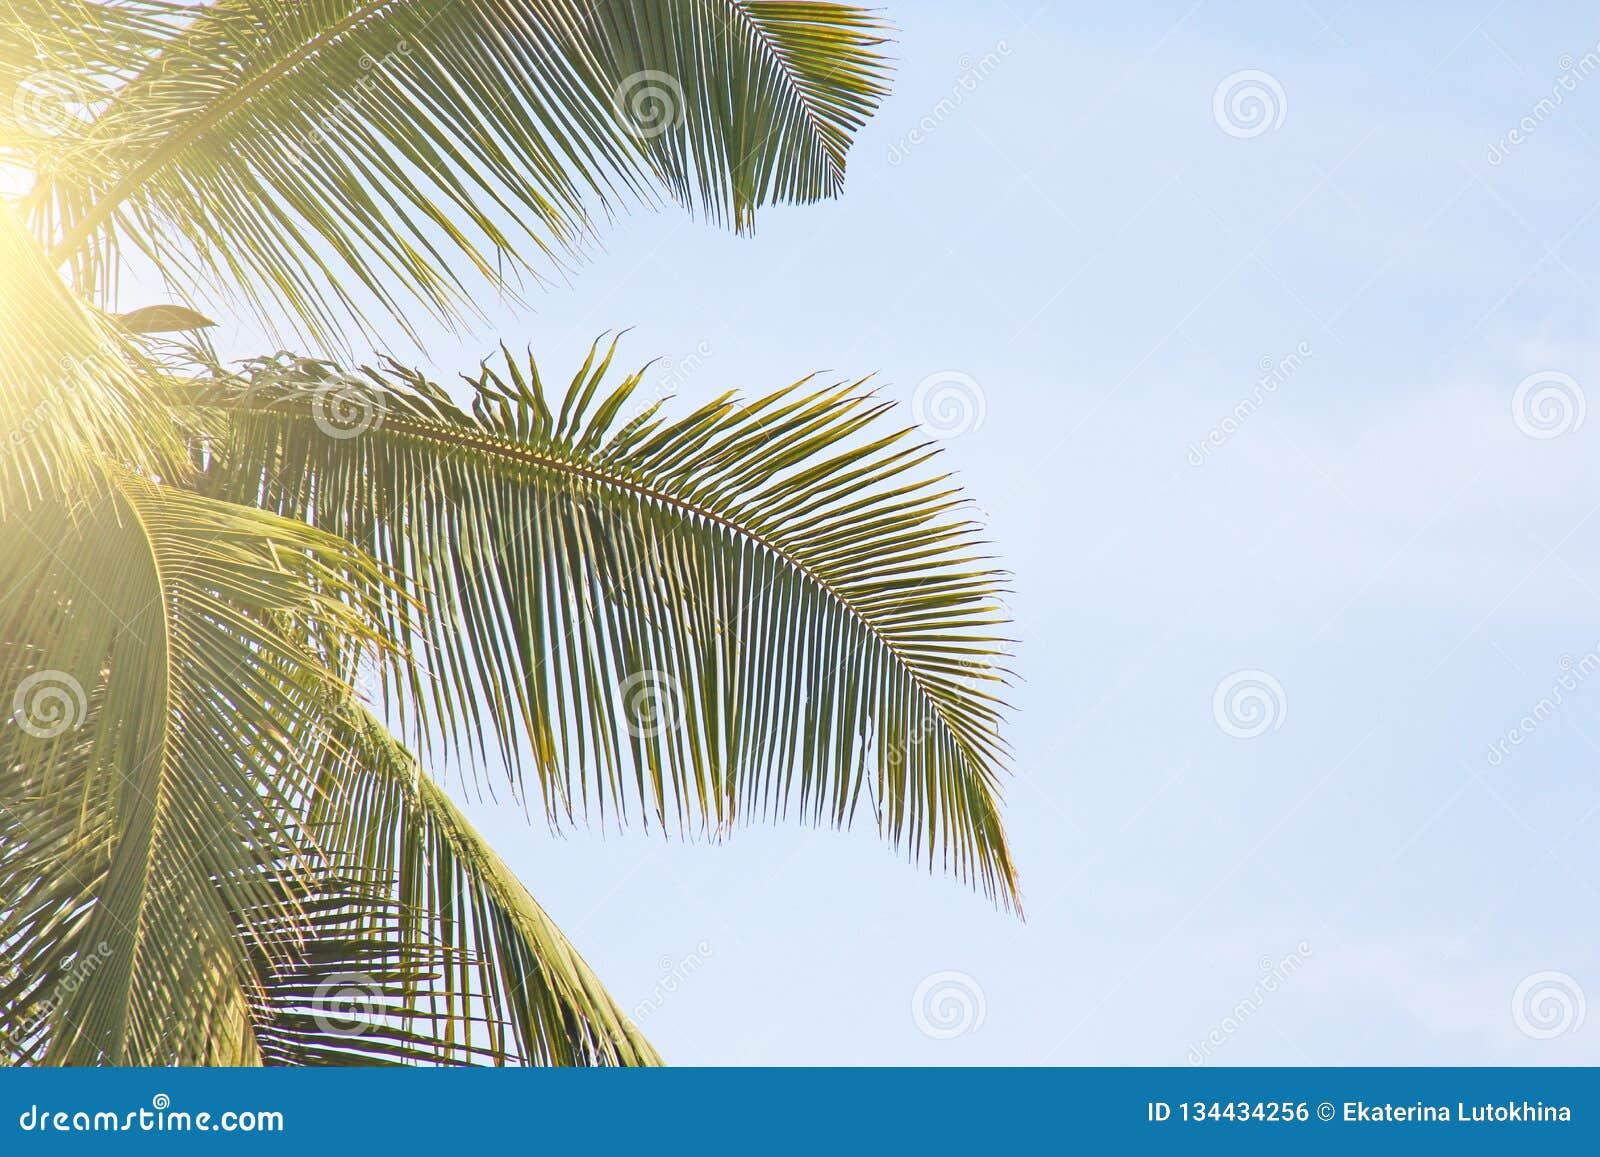 Grün-Blätter einer Palme, des blauen Himmels und der Sonne Exotischer tropischer Hintergrund Palmen in Indien, Goa